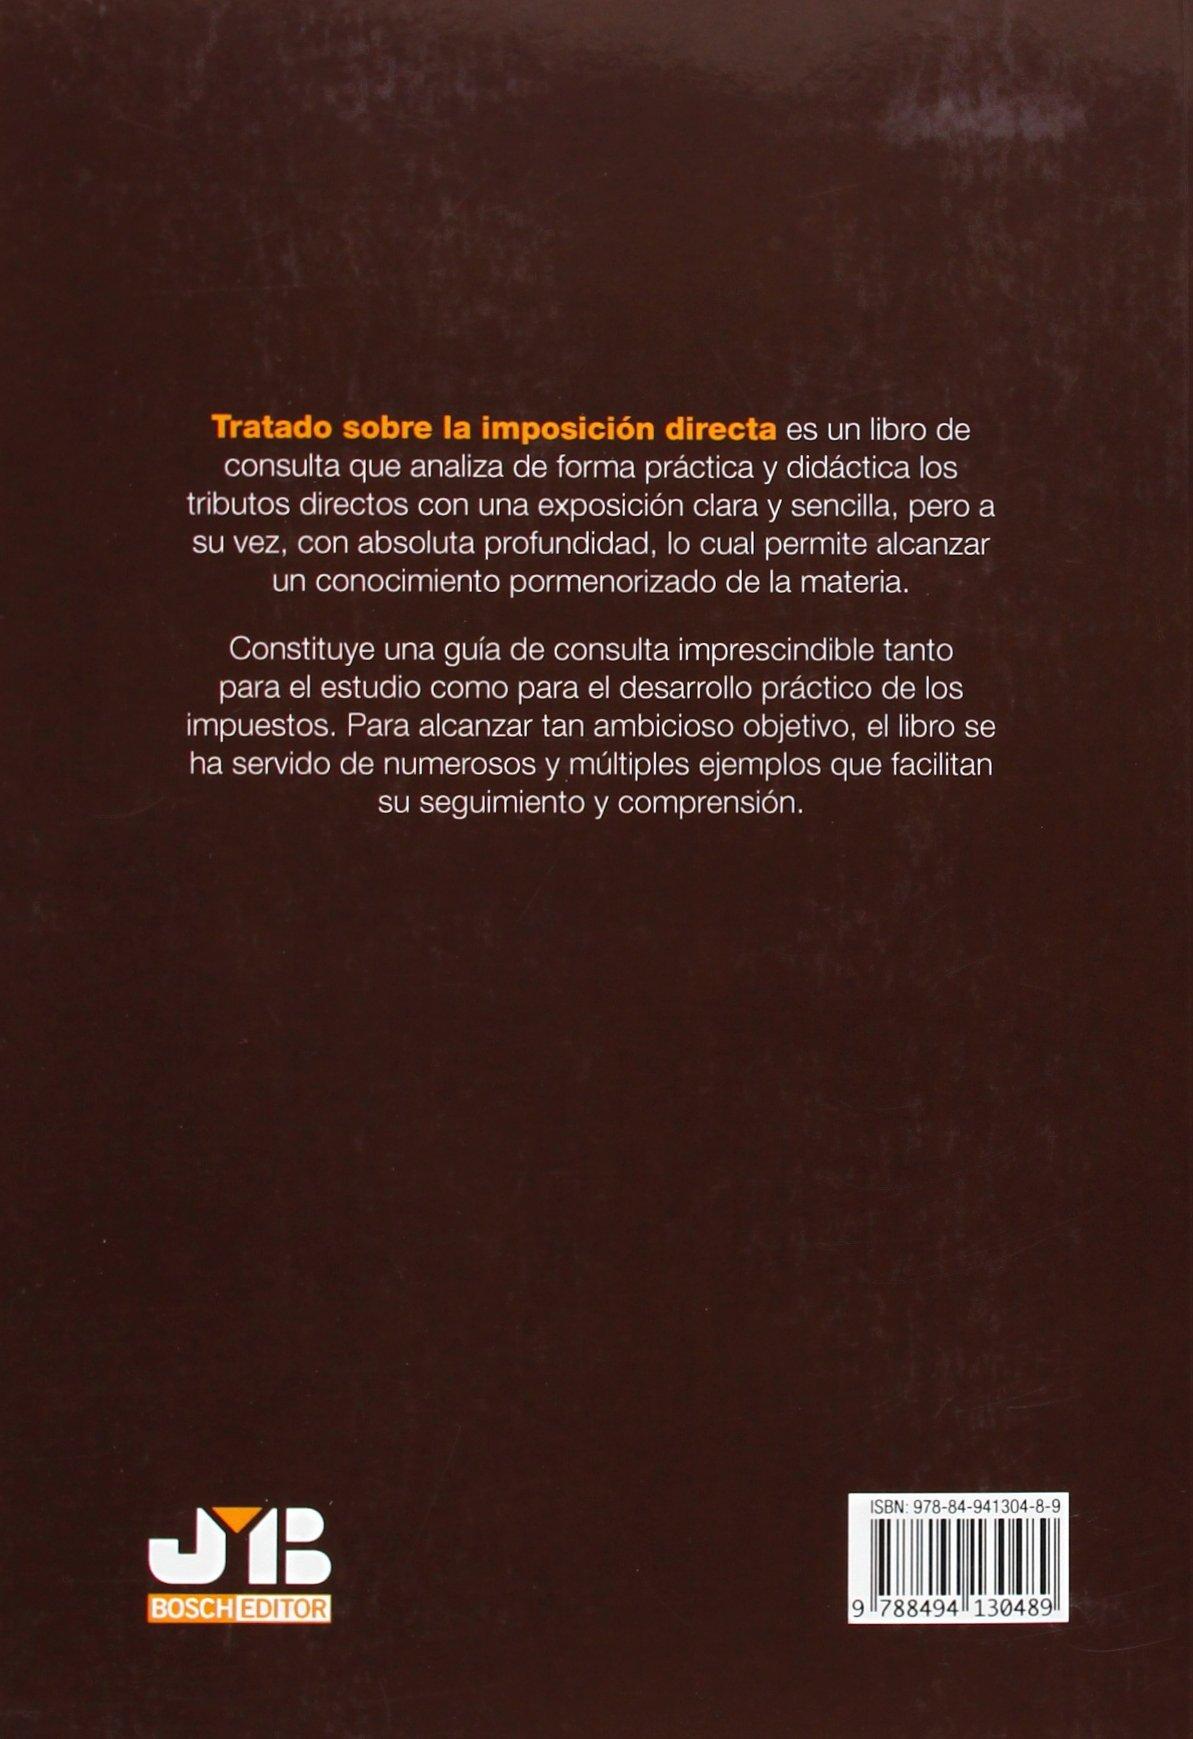 Tratado sobre la imposición directa. 2ª Edición: Amazon.es: Jaime Barril Carulla, Diana Ferrer Vidal, Elena García de la Torre Sanz, Juan De Dios Nieto ...